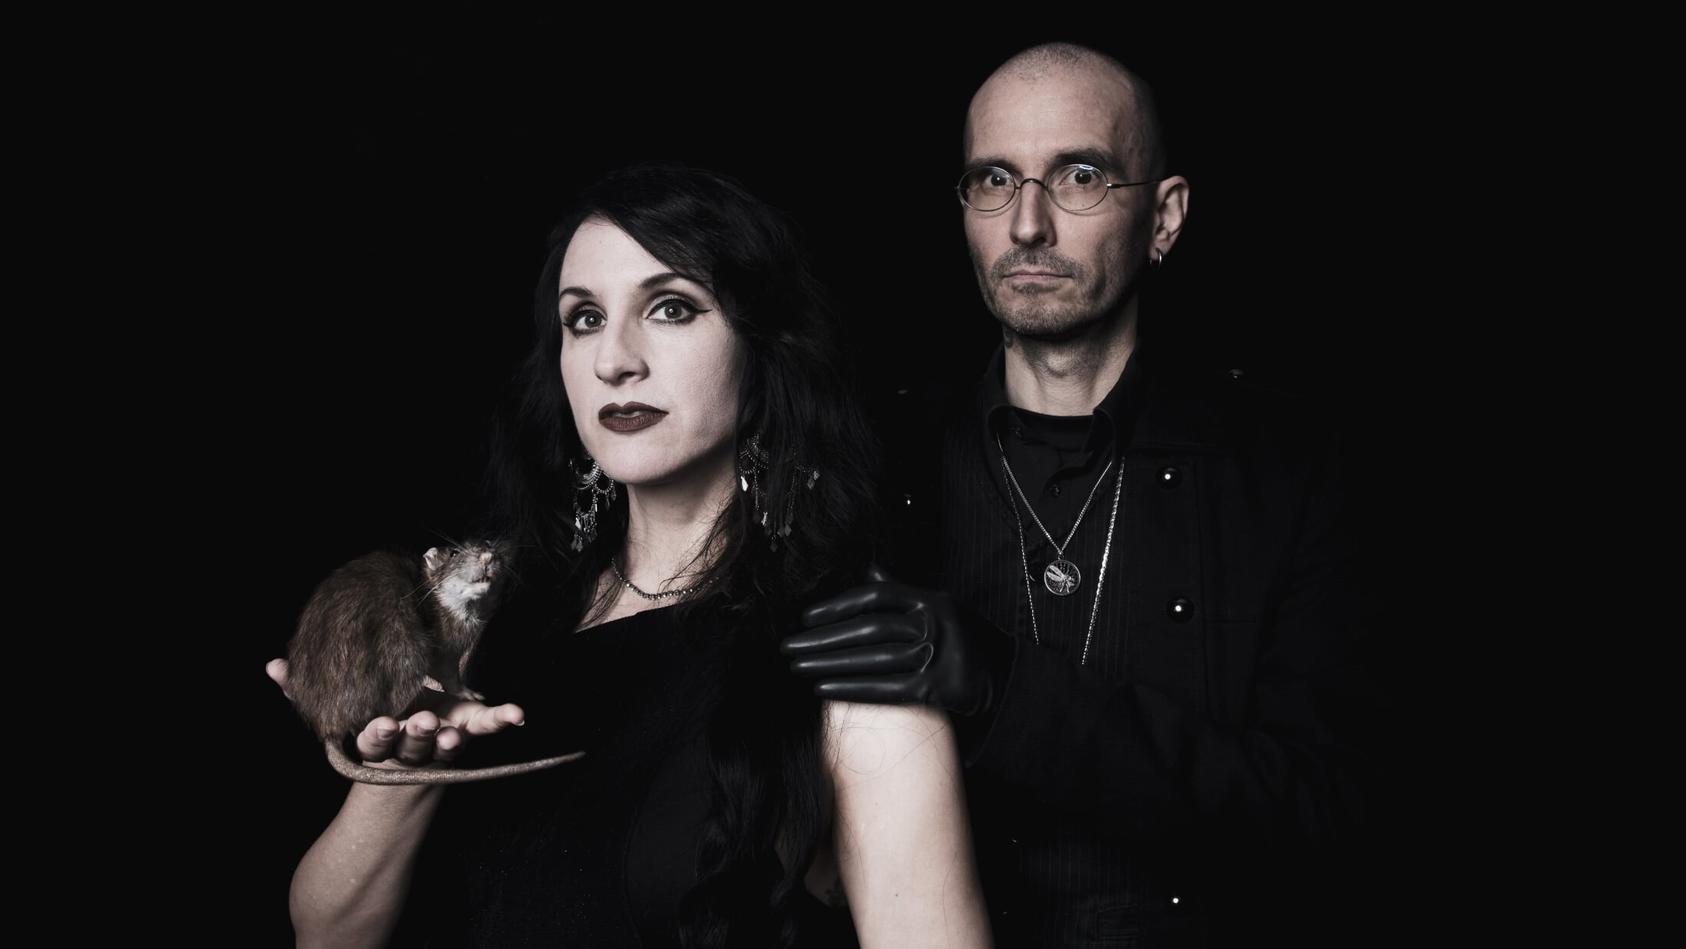 """Dr. Bianca Stücker und Dr. Mark Benecke haben gemeinsam das Album """"We want it darker"""" aufgenommen""""."""